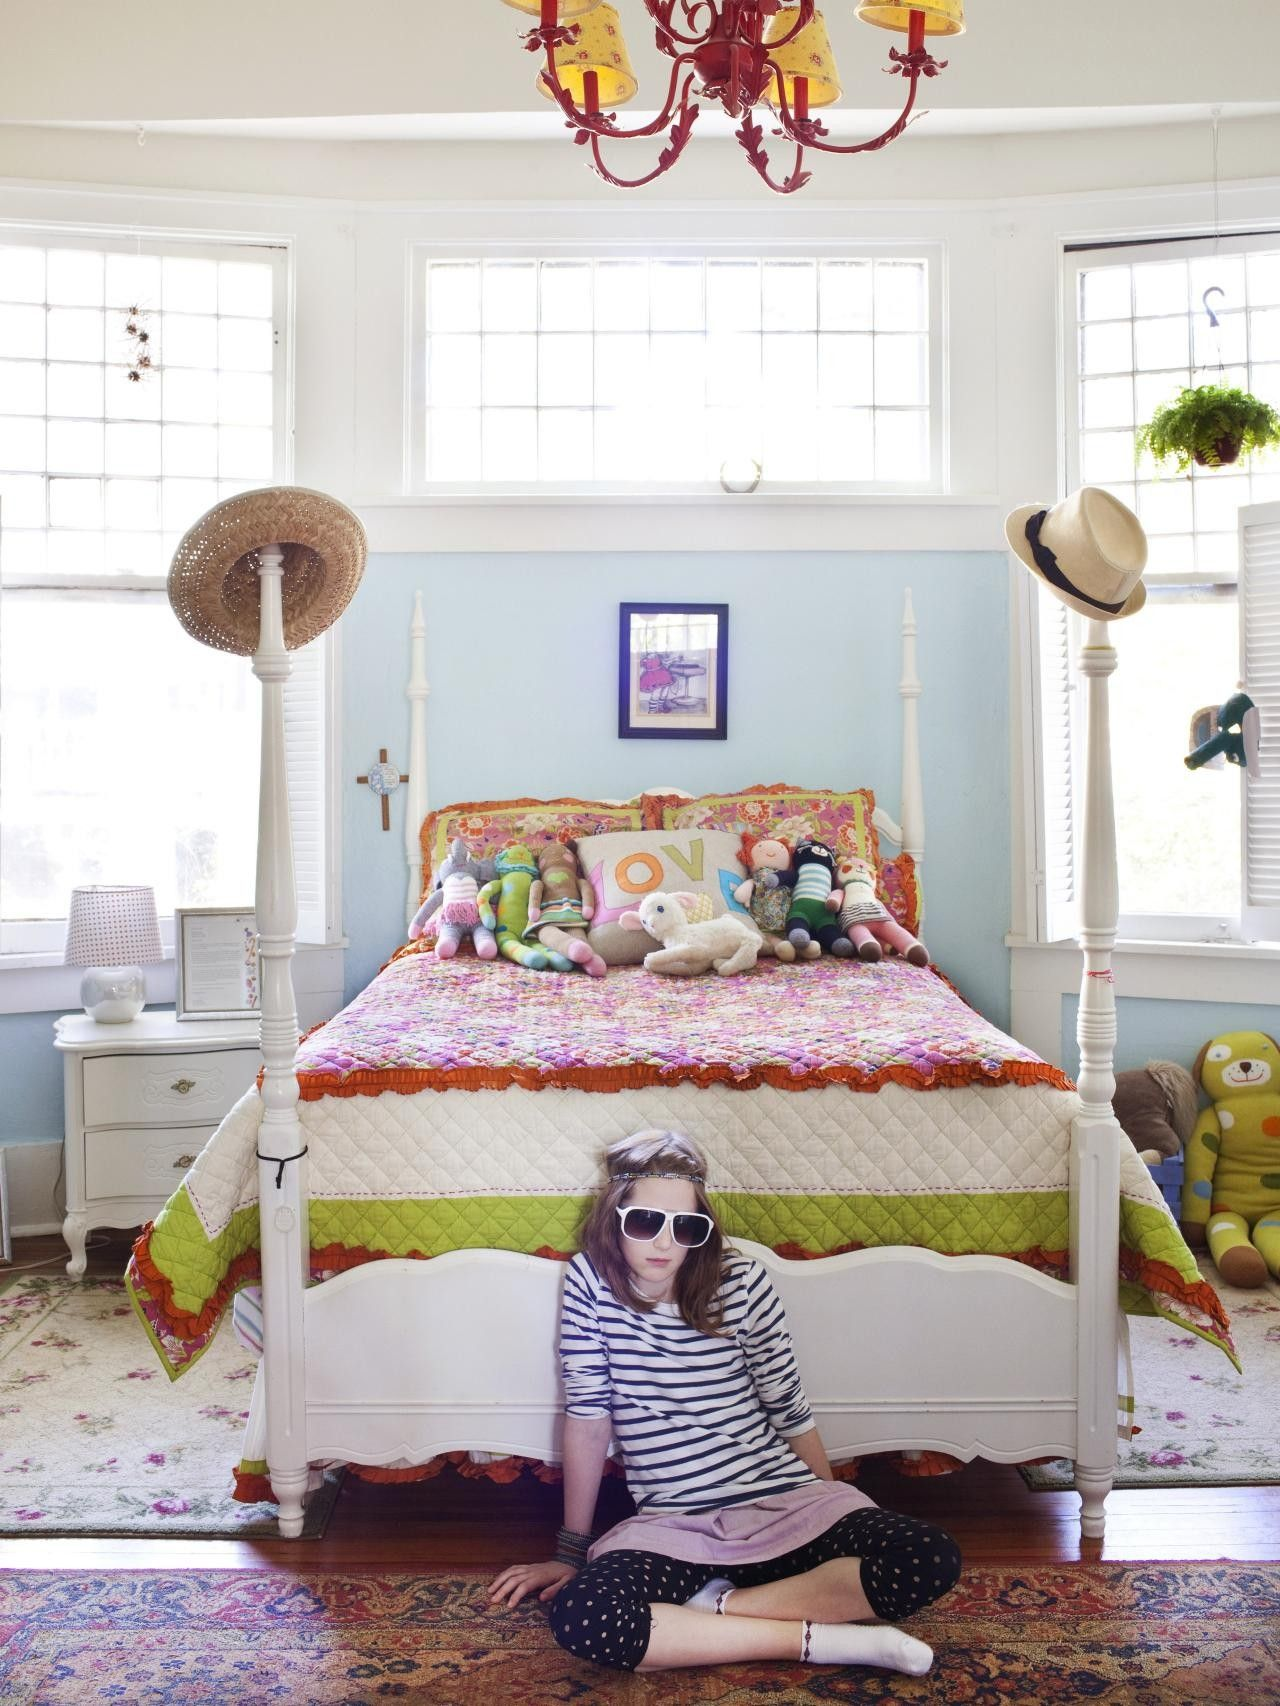 Spannende Girly Schlafzimmer Mit Schlafzimmer Sachen Für ...